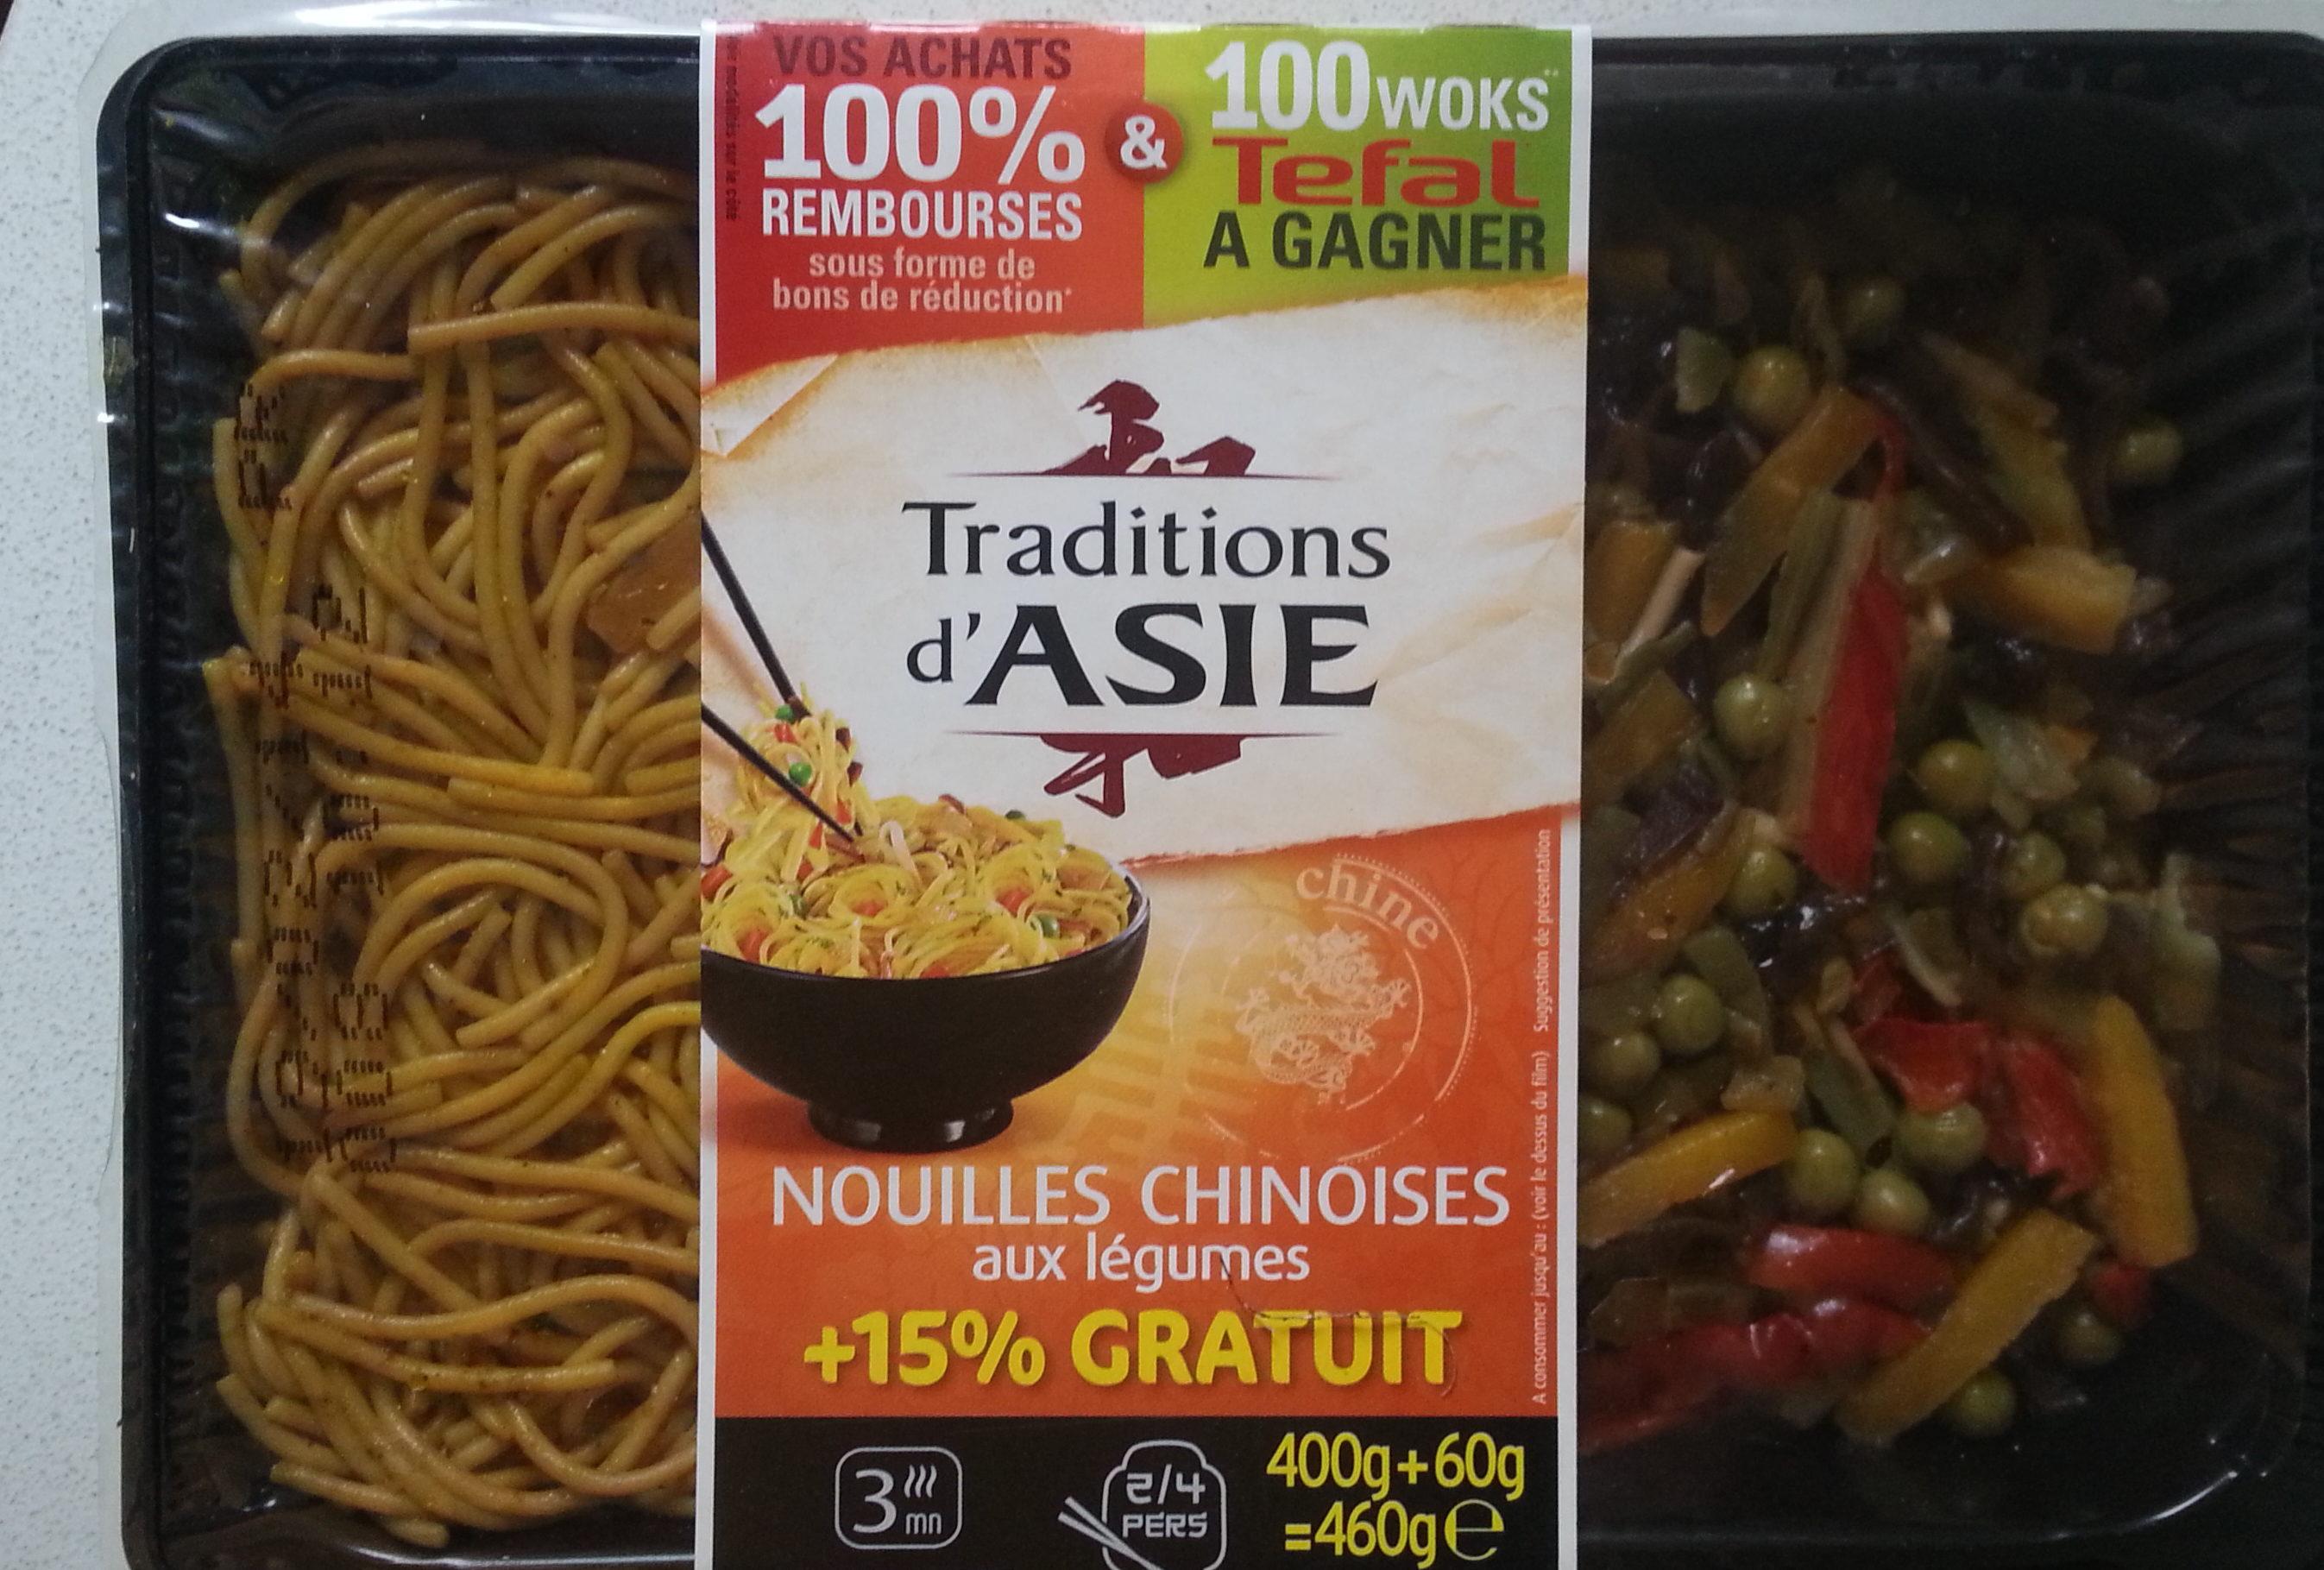 Nouilles chinoises aux légumes - Produit